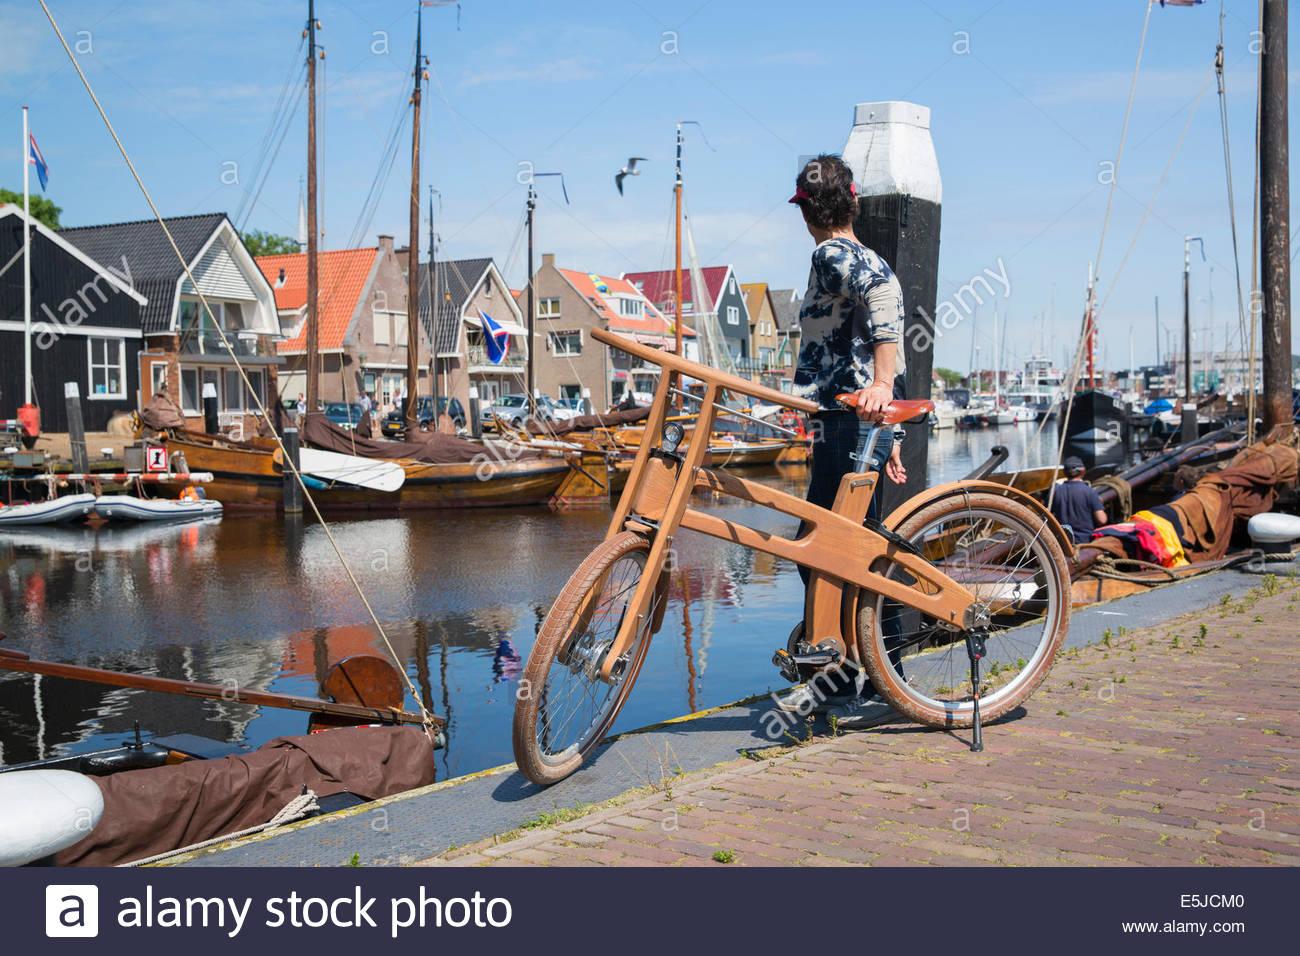 niederlande urk ast fahrrad vor traditionellen. Black Bedroom Furniture Sets. Home Design Ideas